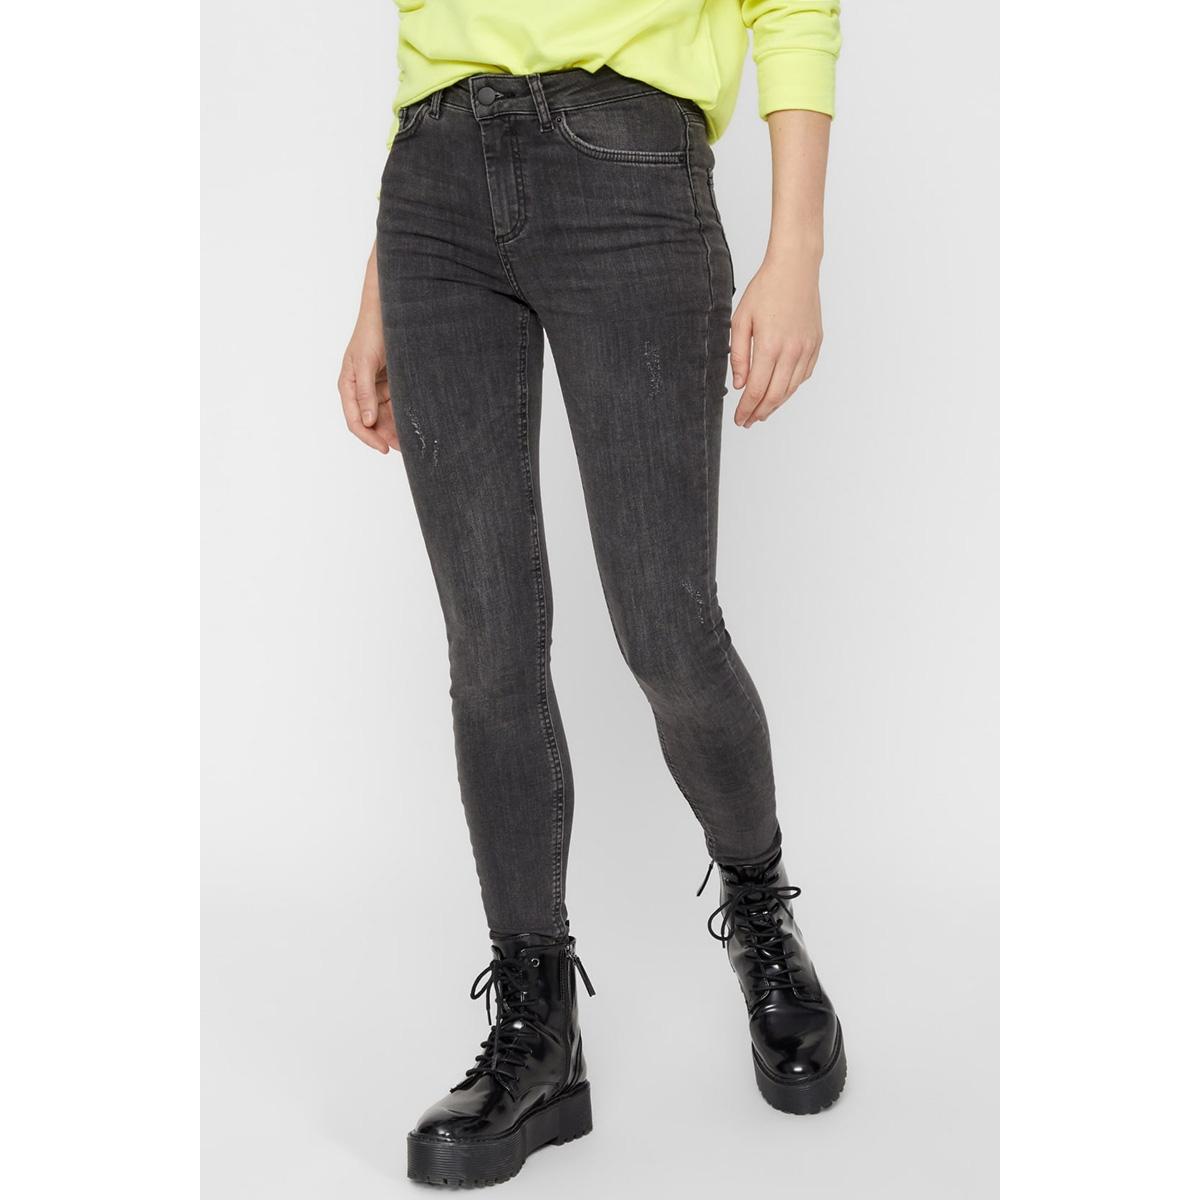 pcdelly b219 mw skn jns 17080499 pieces jeans dark grey denim